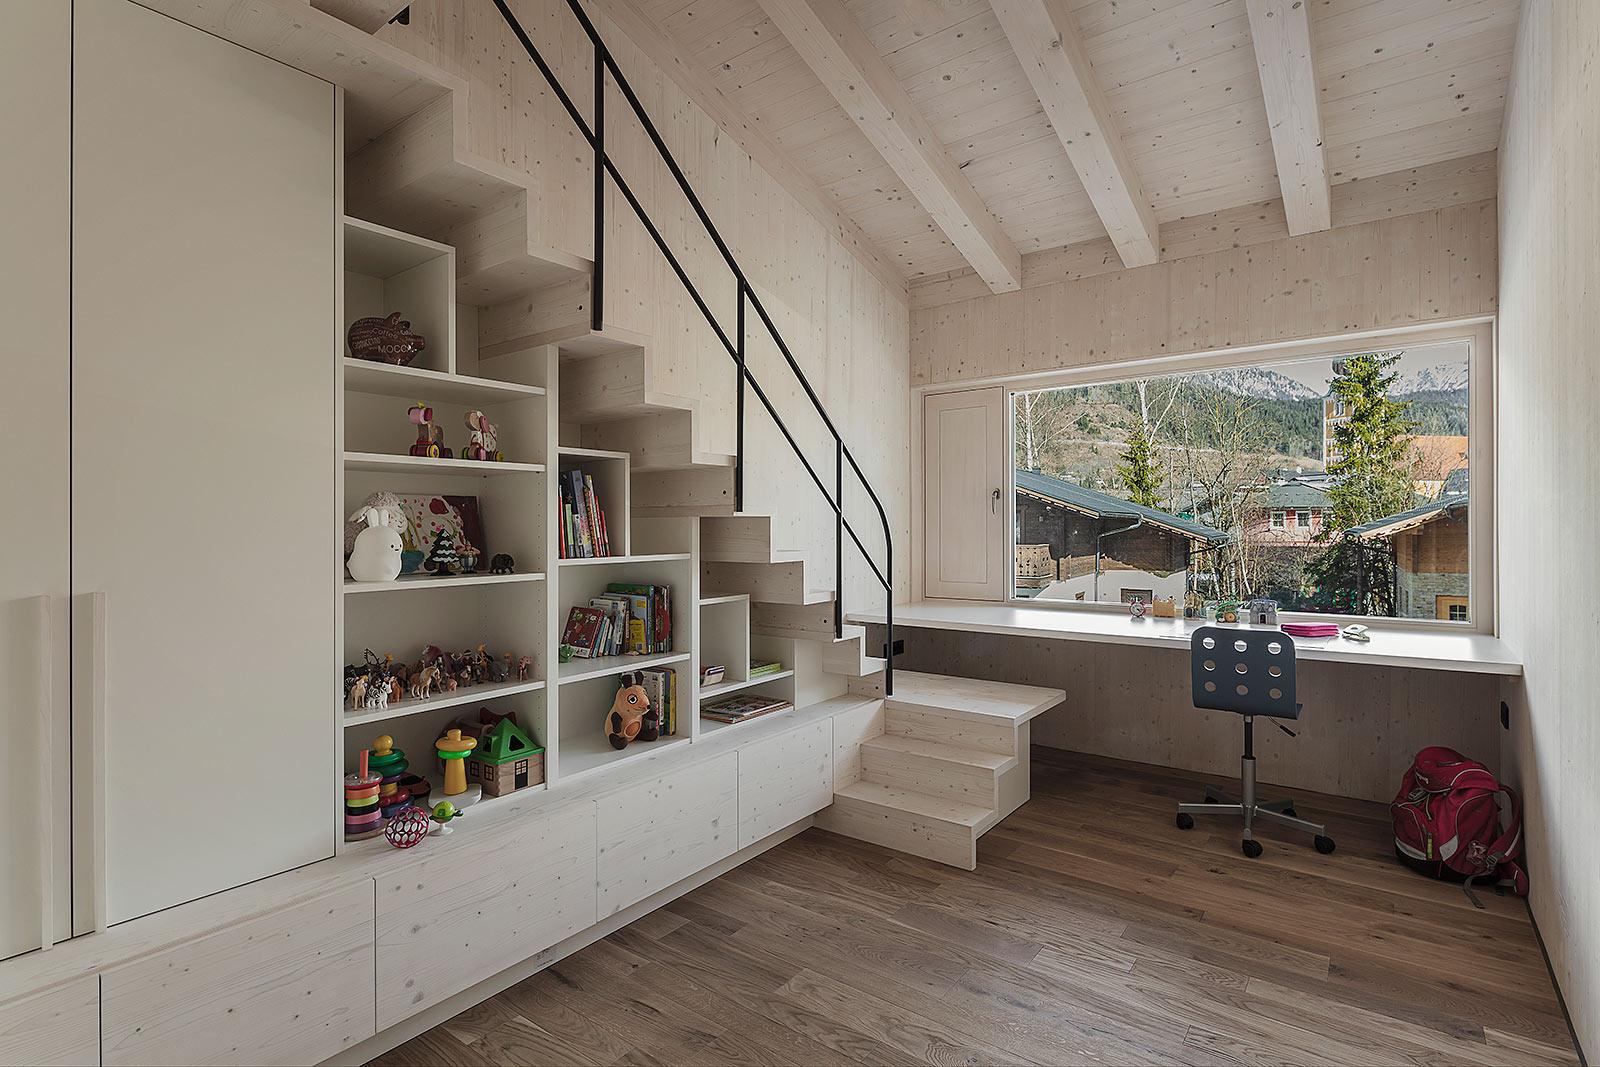 Foto modernes zeitgemäßes Kinderzimmer